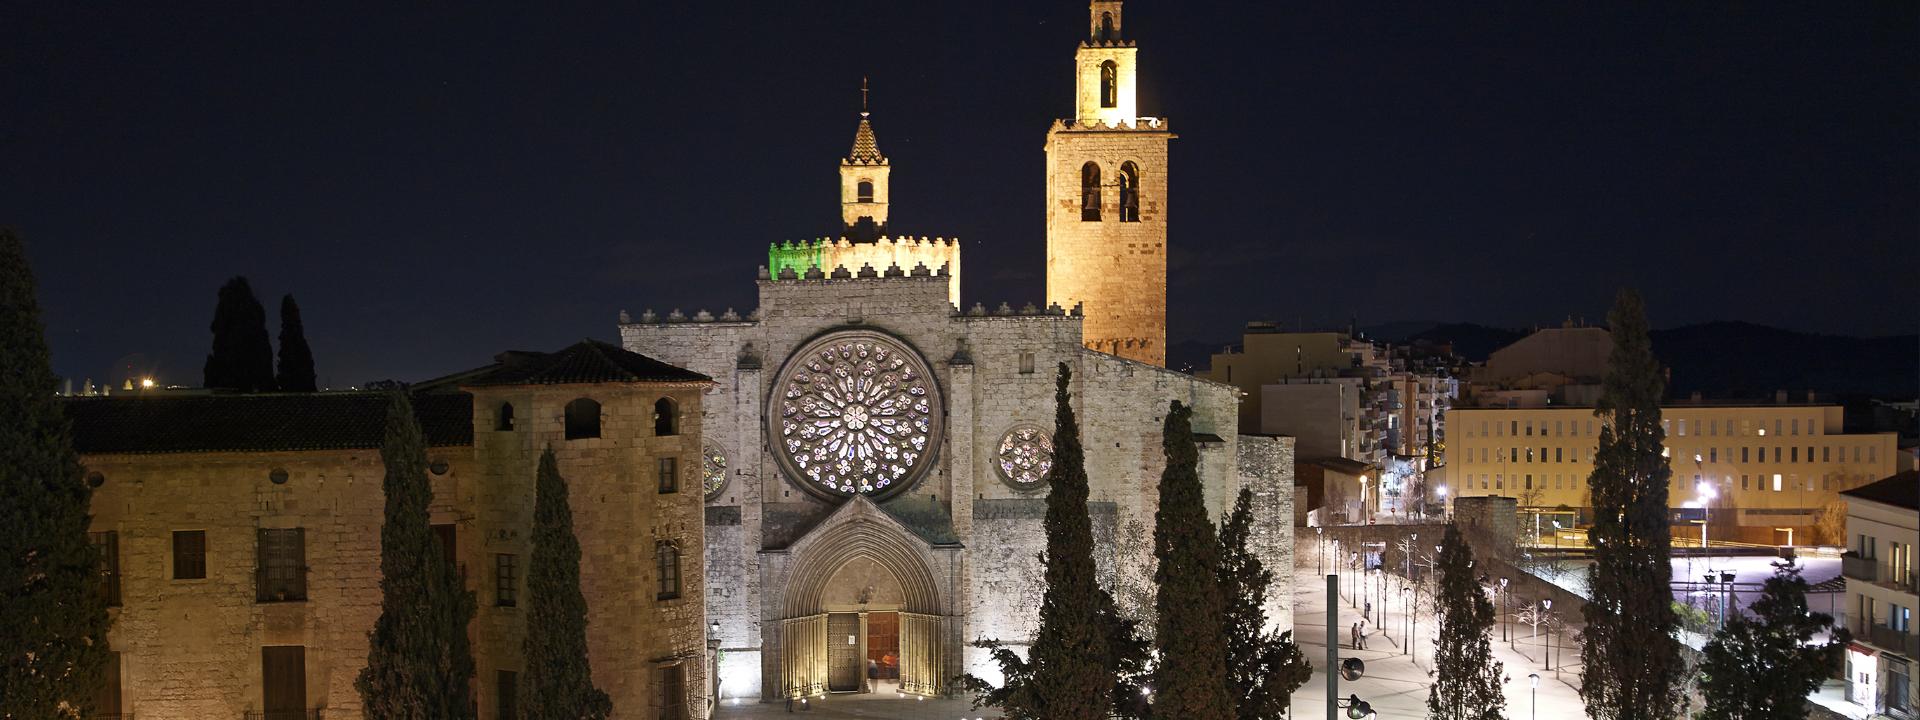 Monestir de Sant Cugat del Vallès de nit